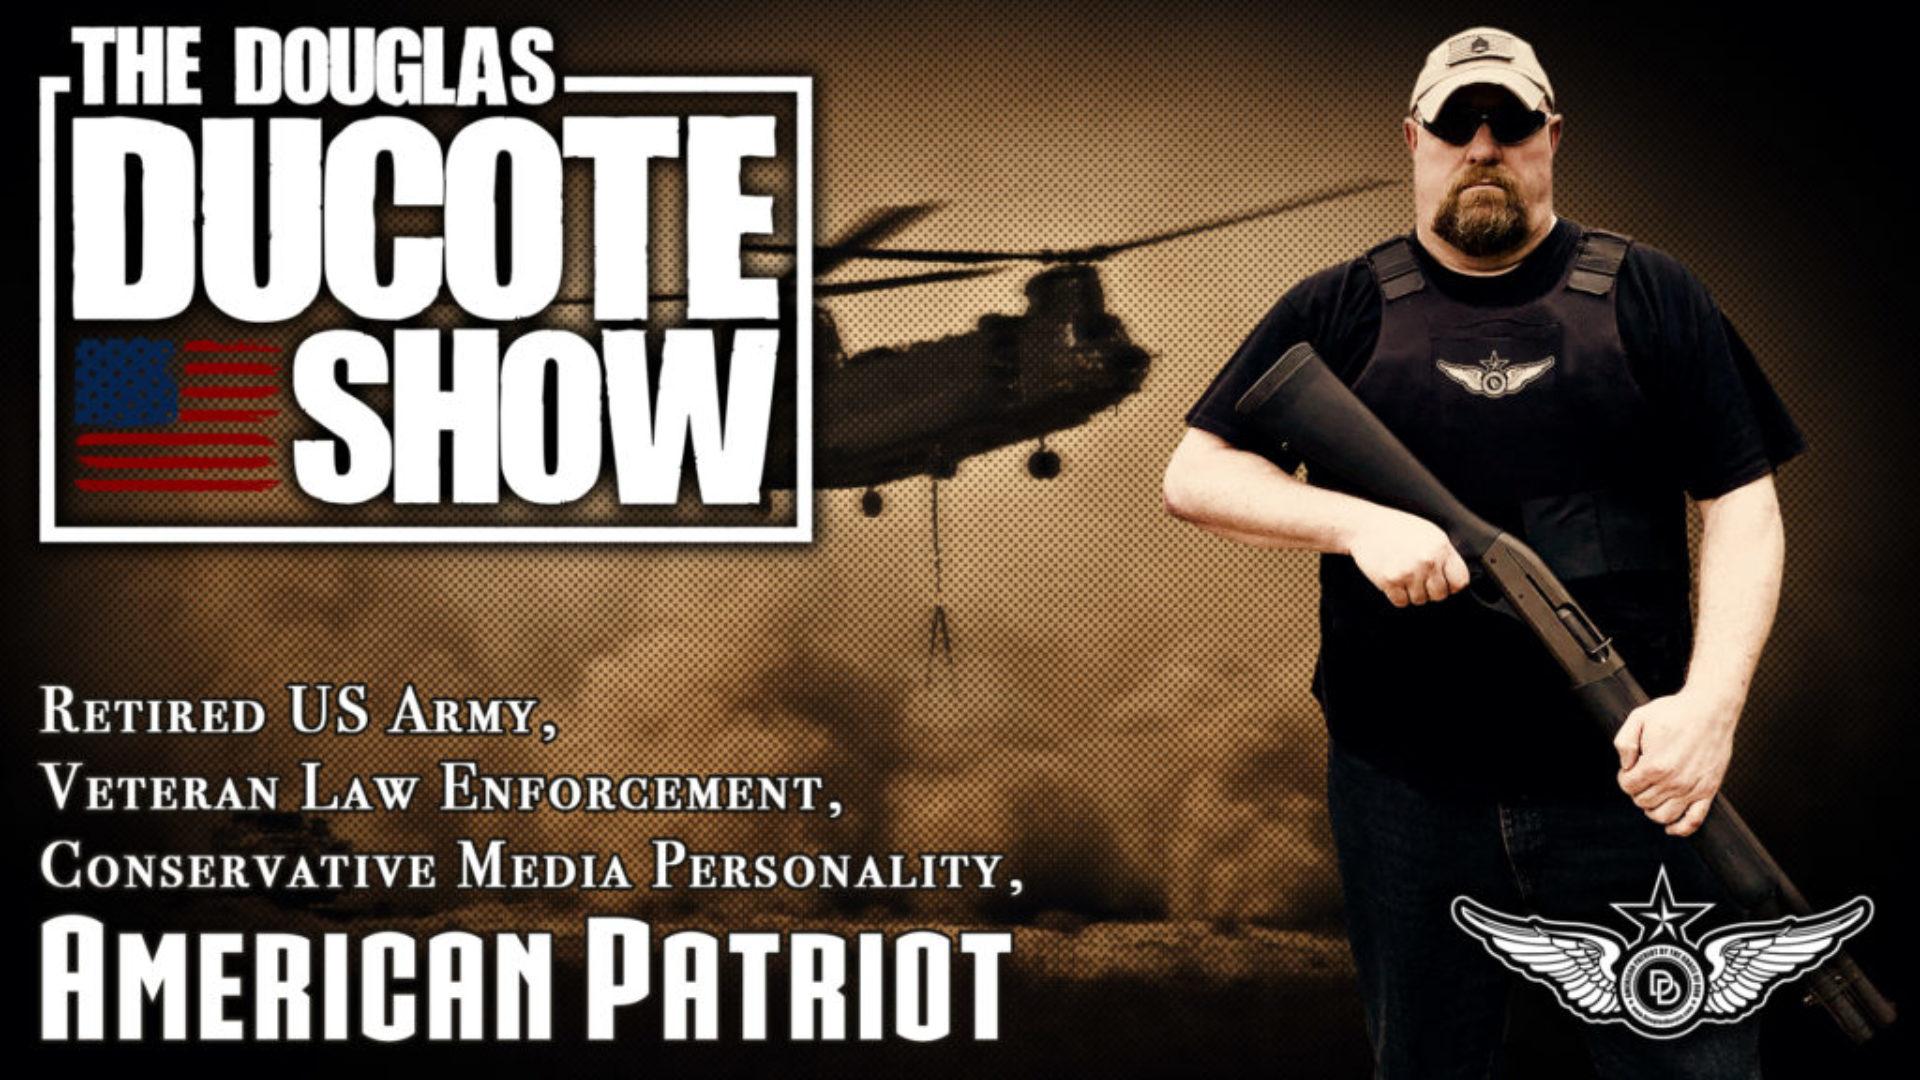 The-Douglas-Ducote-Show-Banner